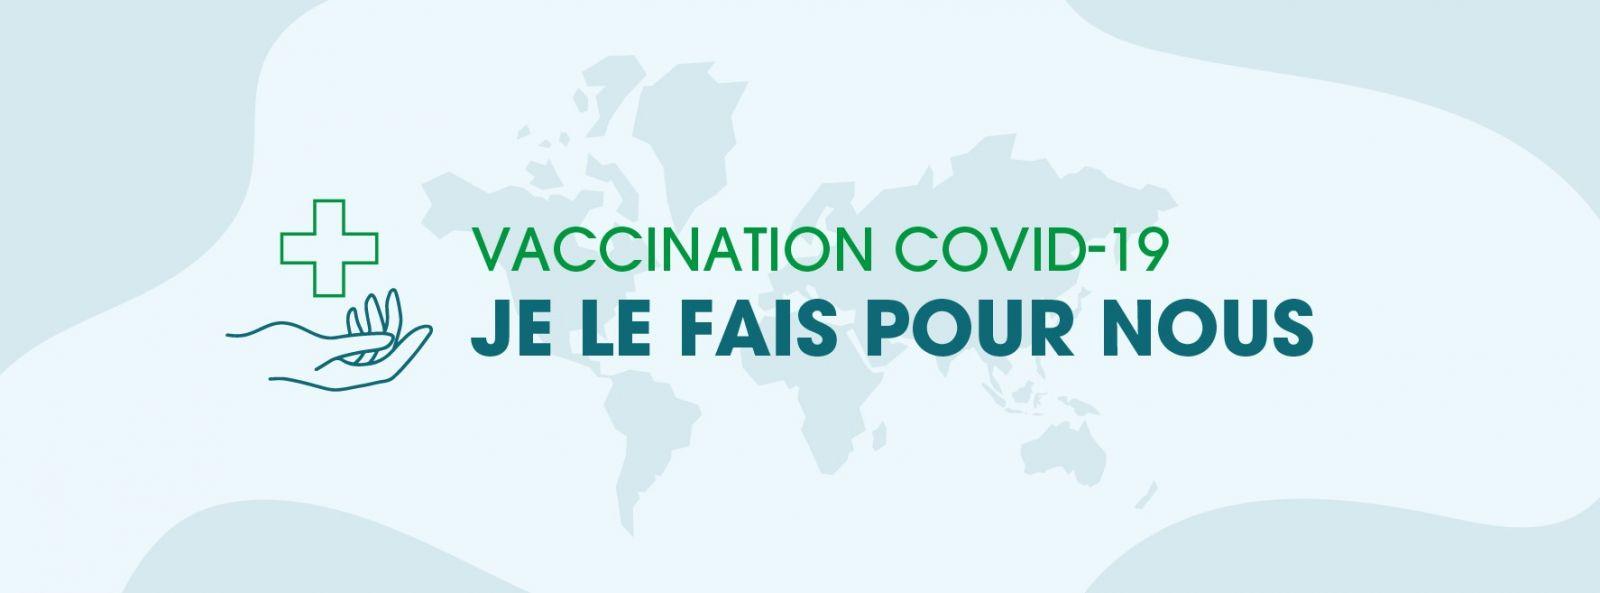 « Vaccination COVID-19 : je le fais pour nous »